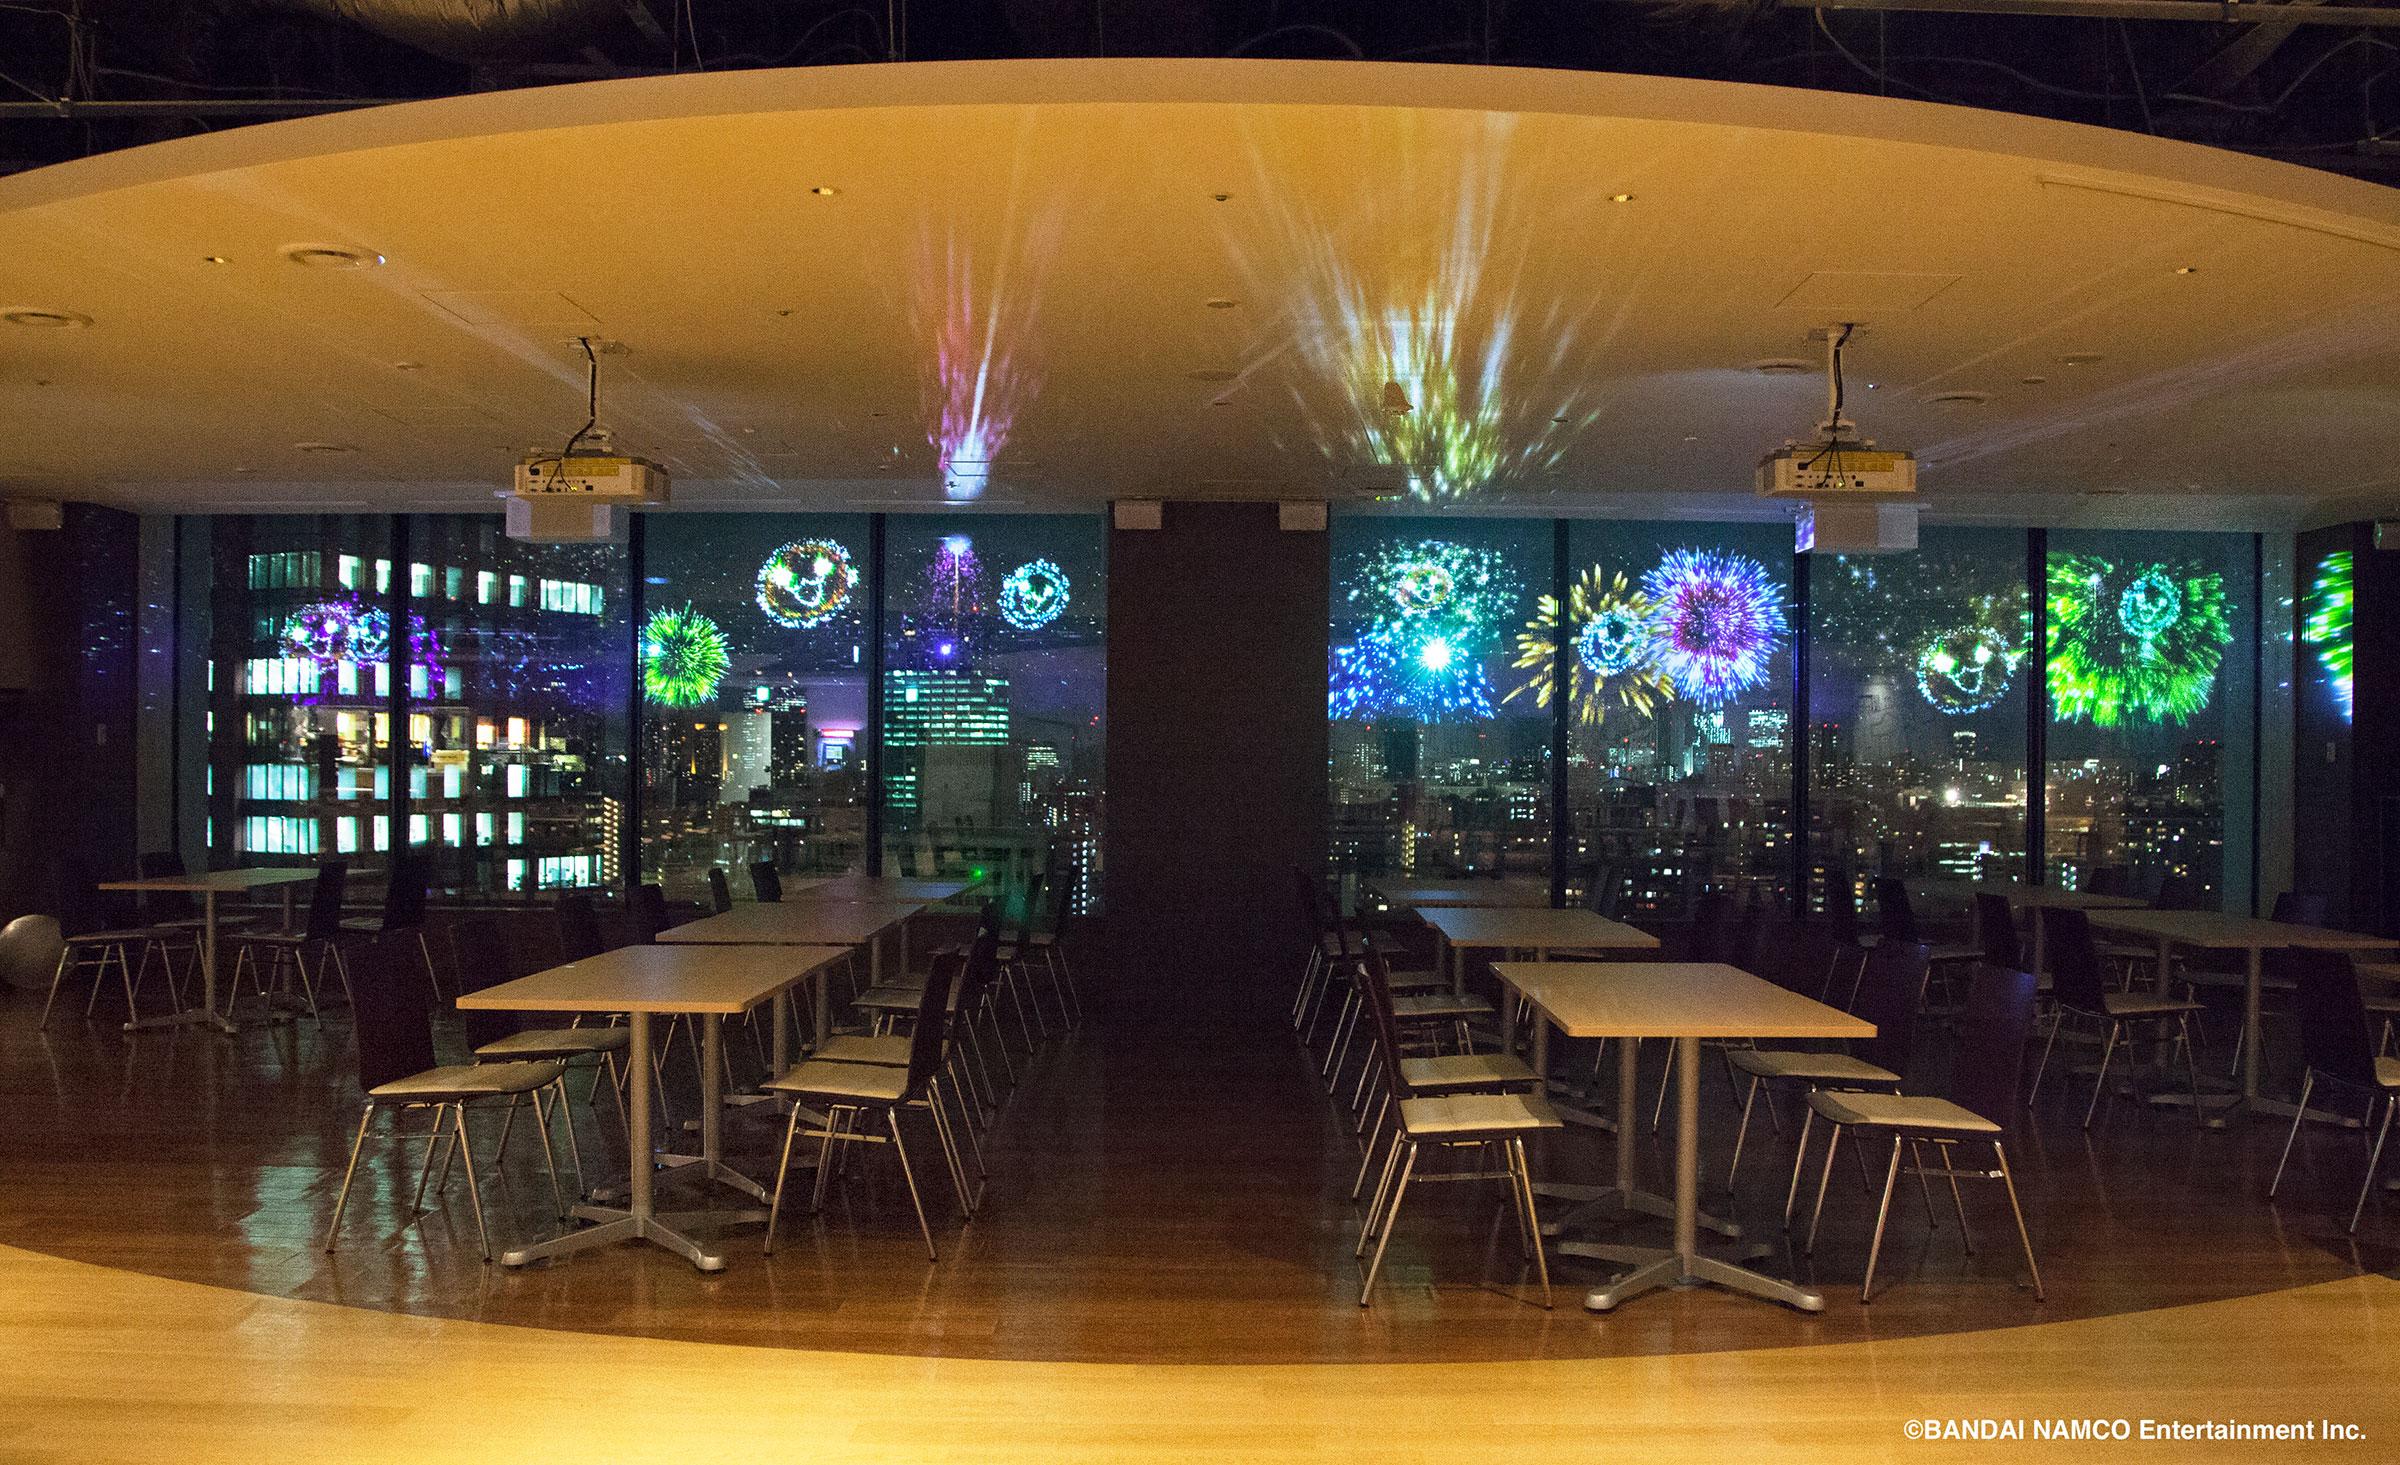 株式会社バンダイナムコエンターテインメント バンダイナムコ未来研究所 飲食スペースを演出